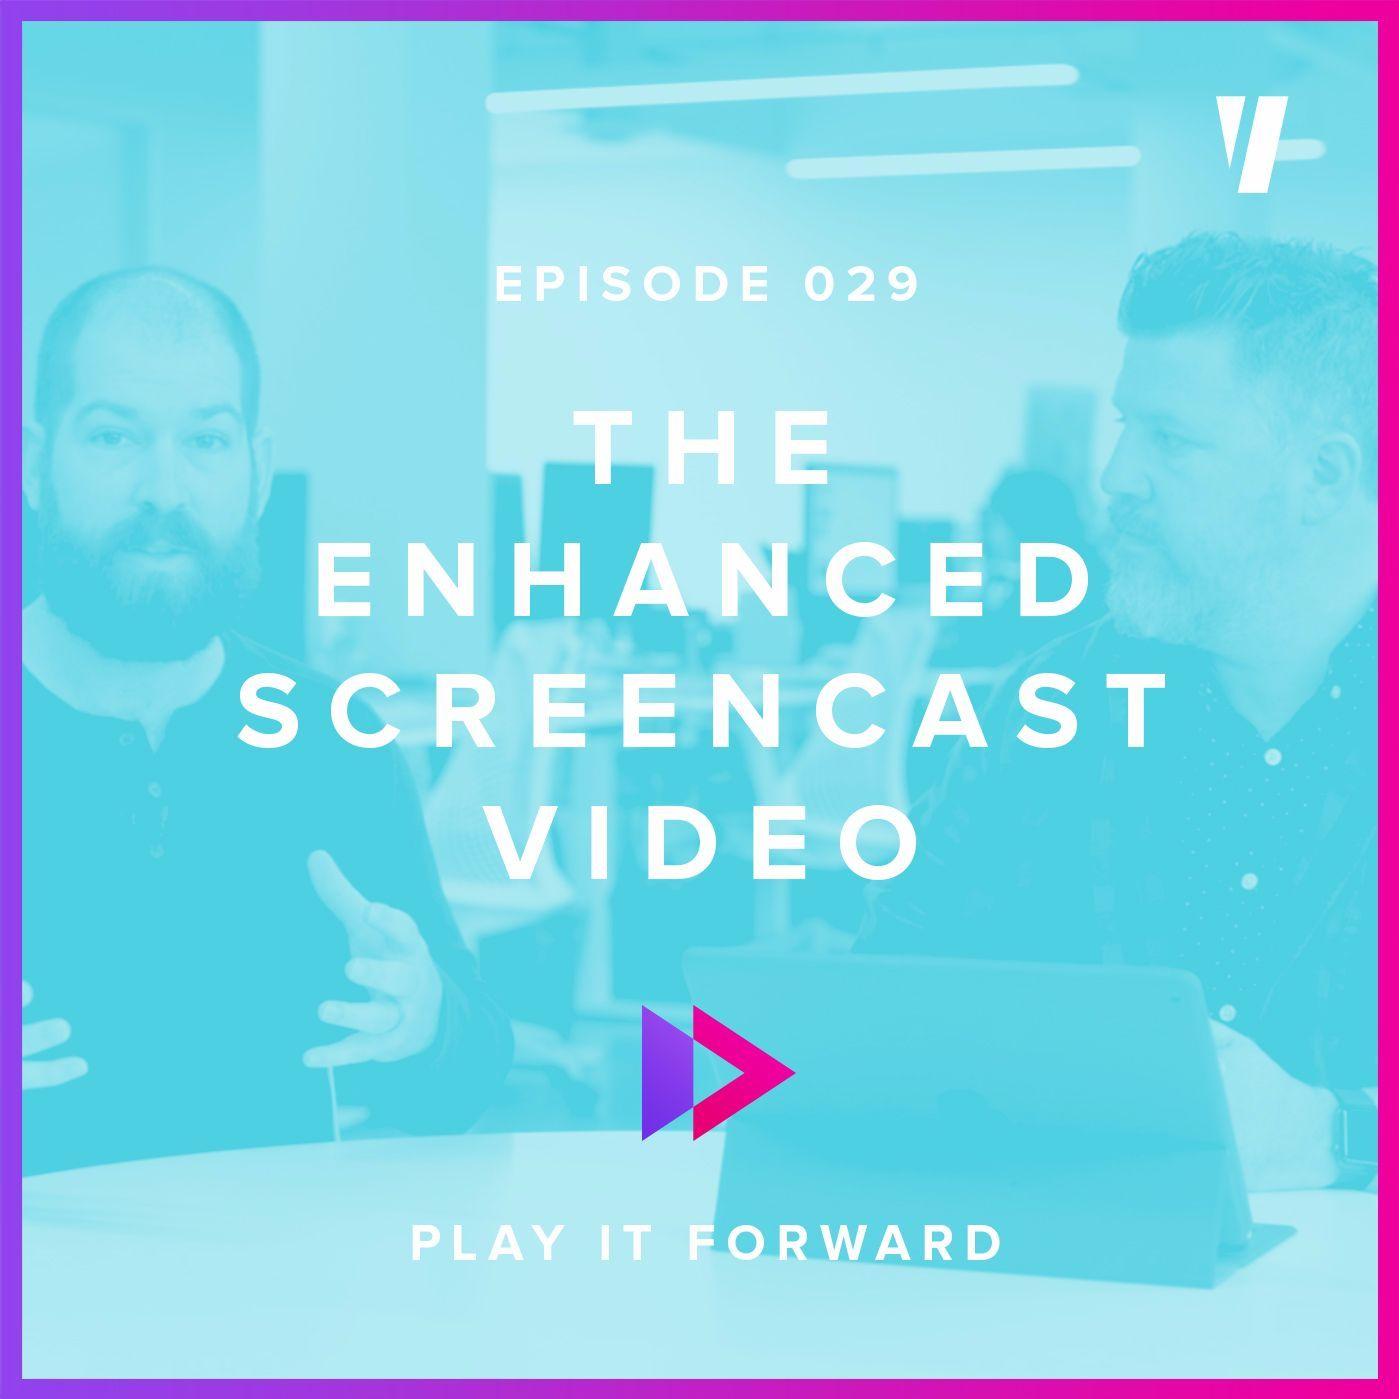 #029: The Enhanced Screencast Video